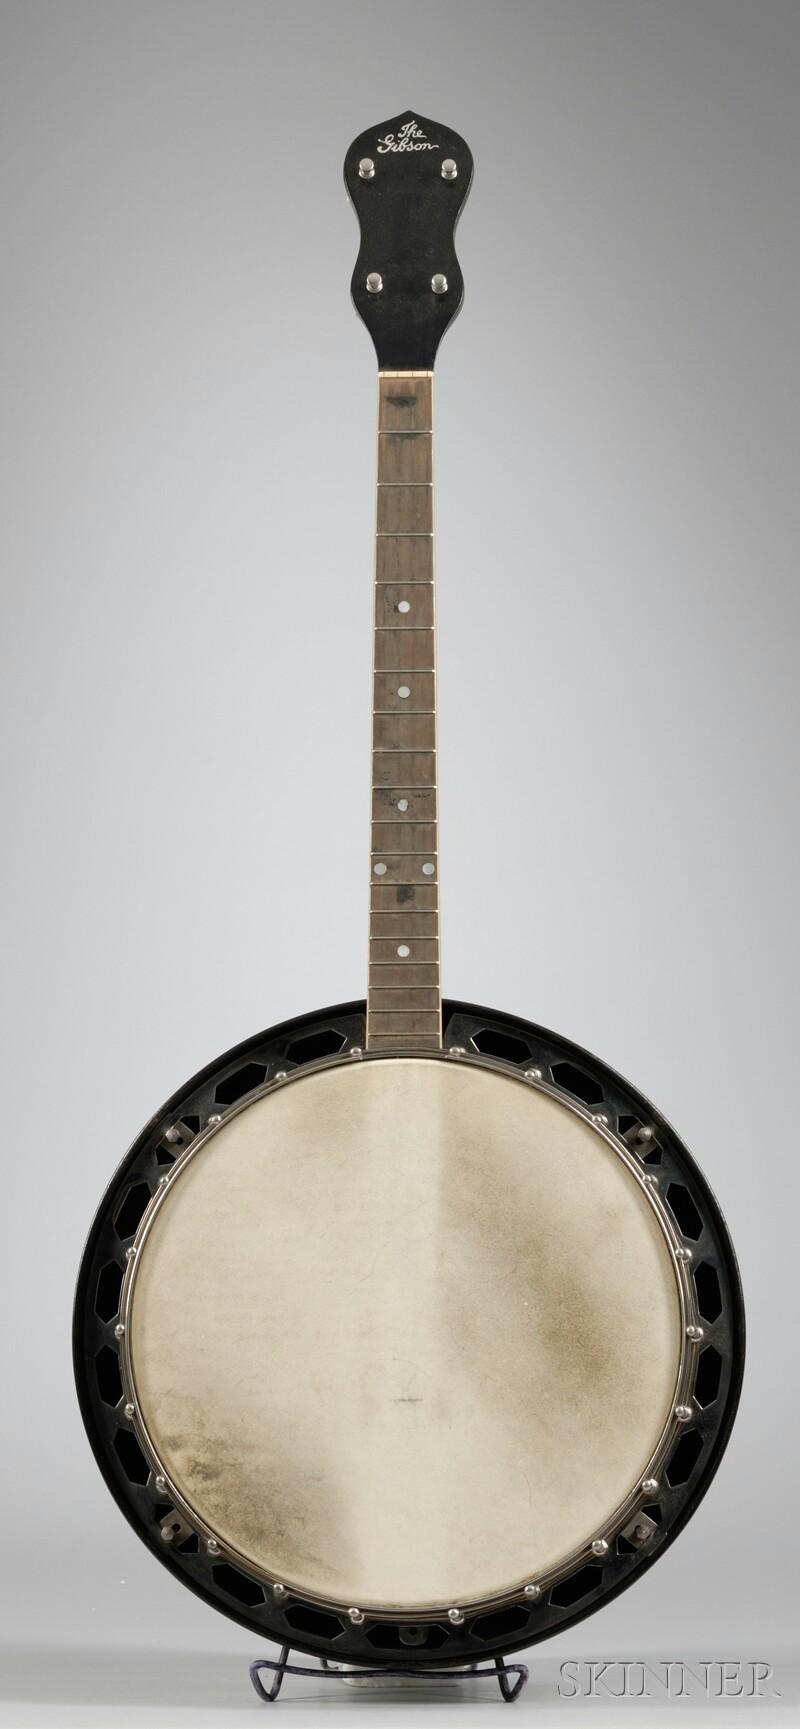 American Tenor Banjo, Gibson Incorporated, Kalamazoo, c. 1927, Style TB-1